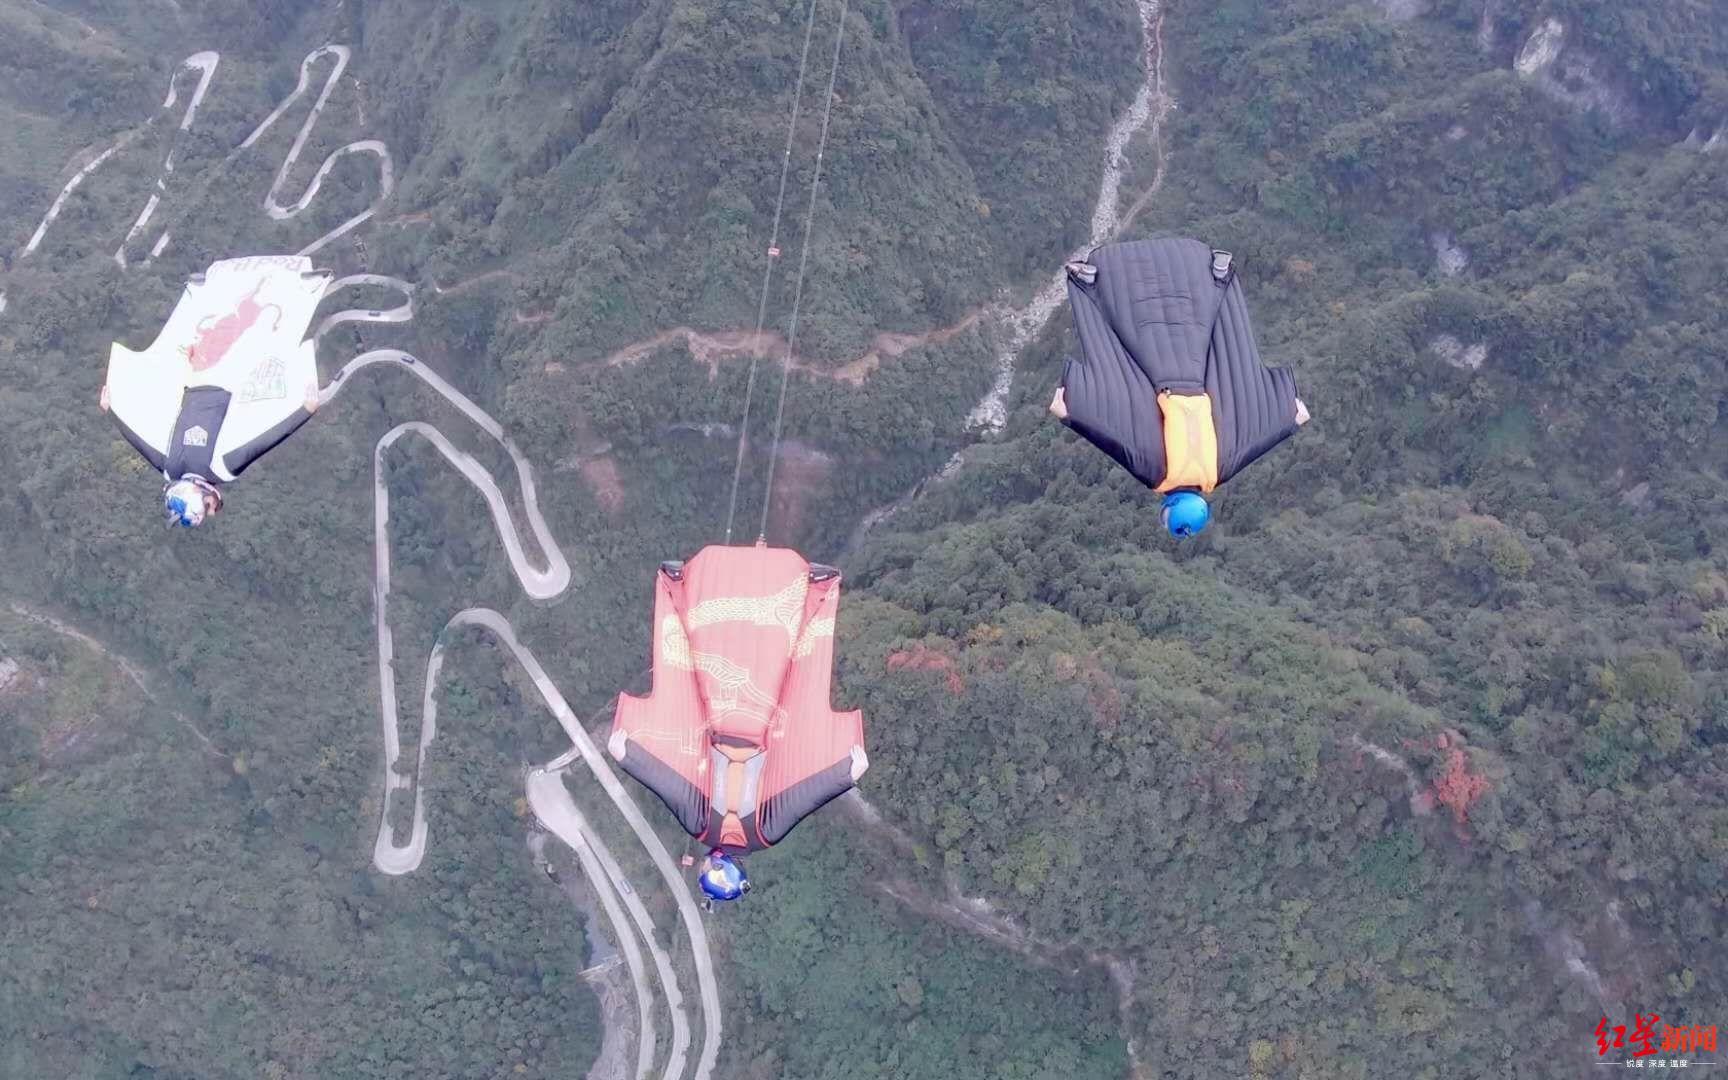 张树鹏等人进行翼装飞行。受访者供图